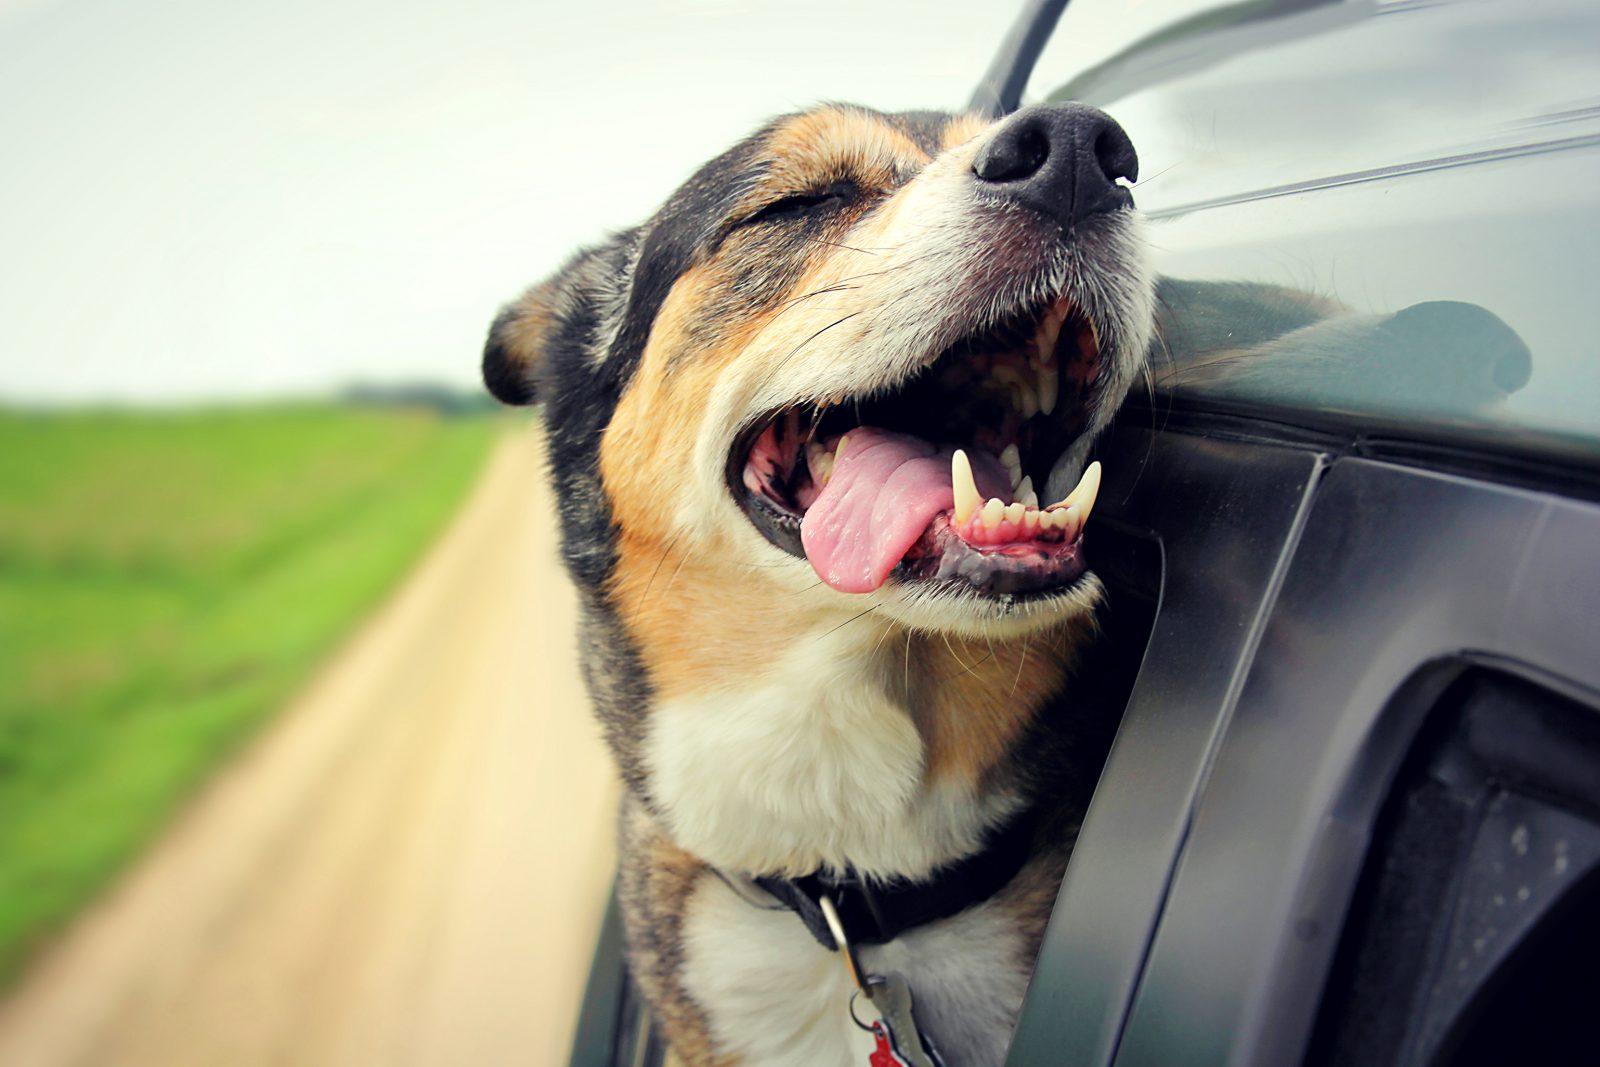 Caixa de transporte para cachorro: cachorro com cabeça pra fora do carro